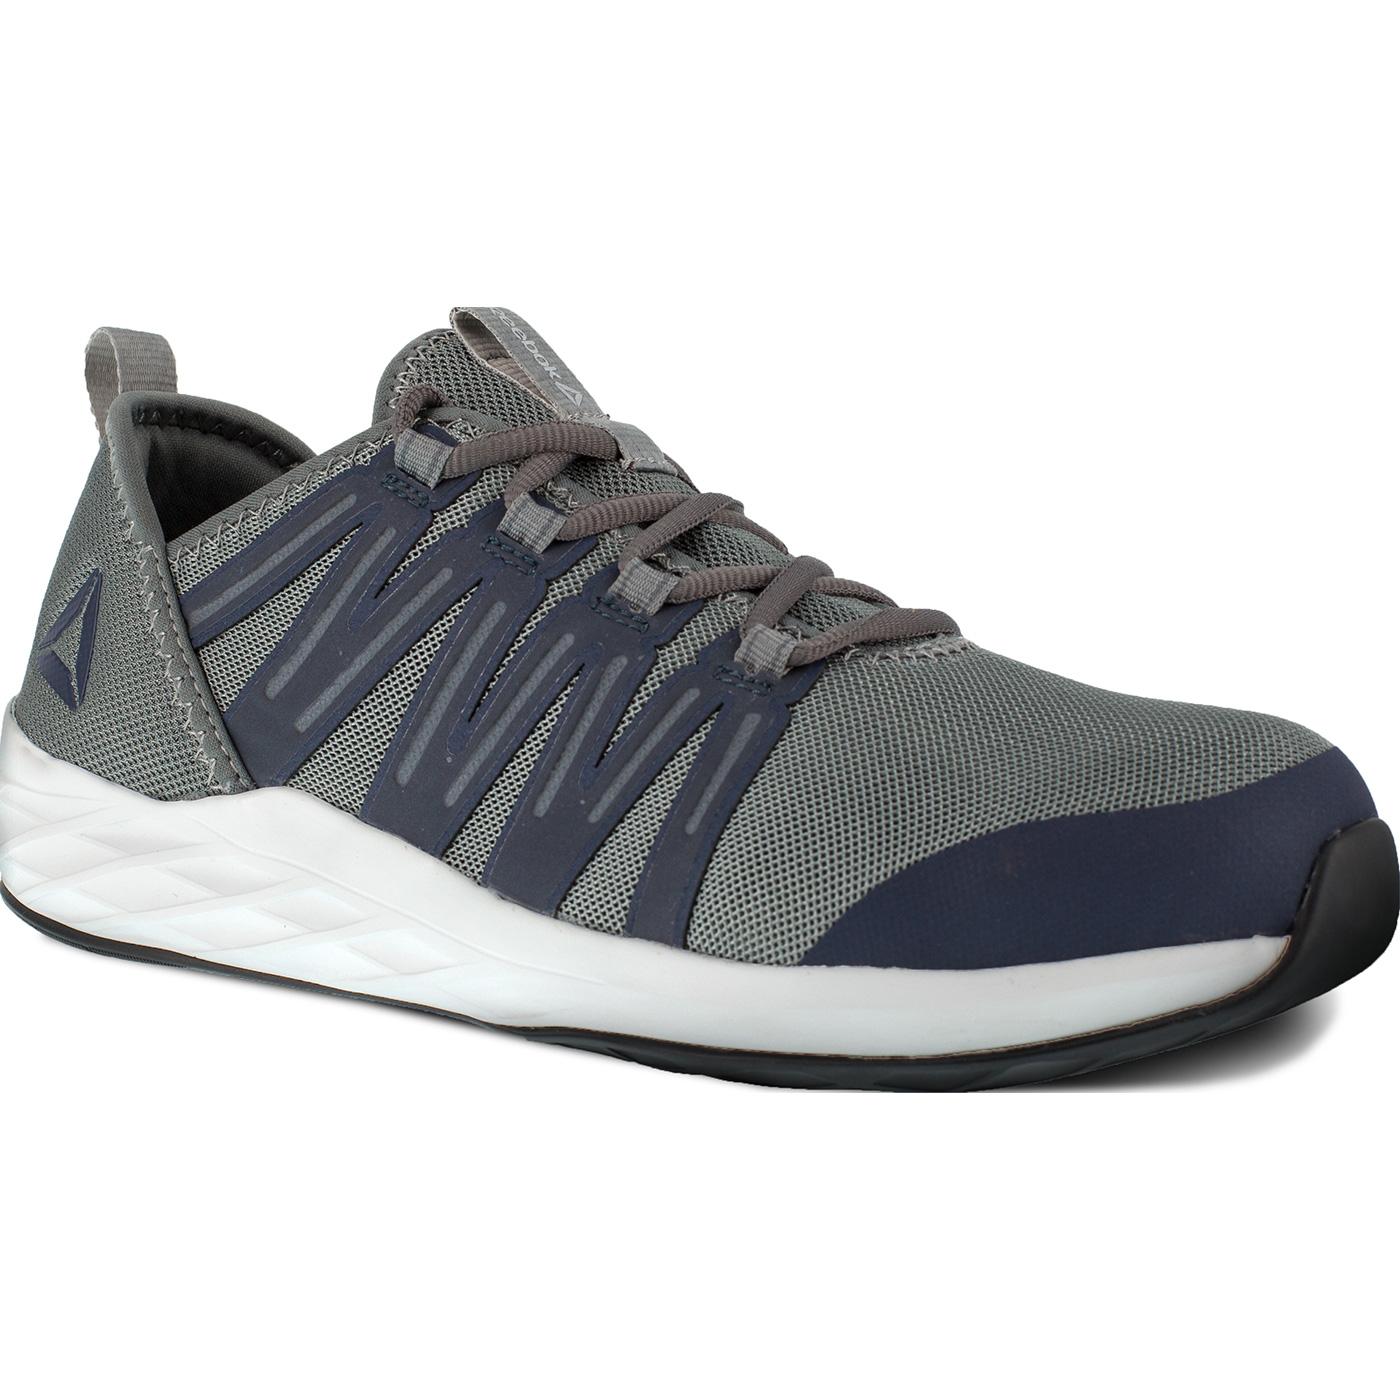 d7240bcd557 Reebok Astroride Work Men s Steel Toe Static-Dissipative Athletic Oxford  ShoeReebok Astroride Work Men s Steel Toe Static-Dissipative Athletic  Oxford Shoe